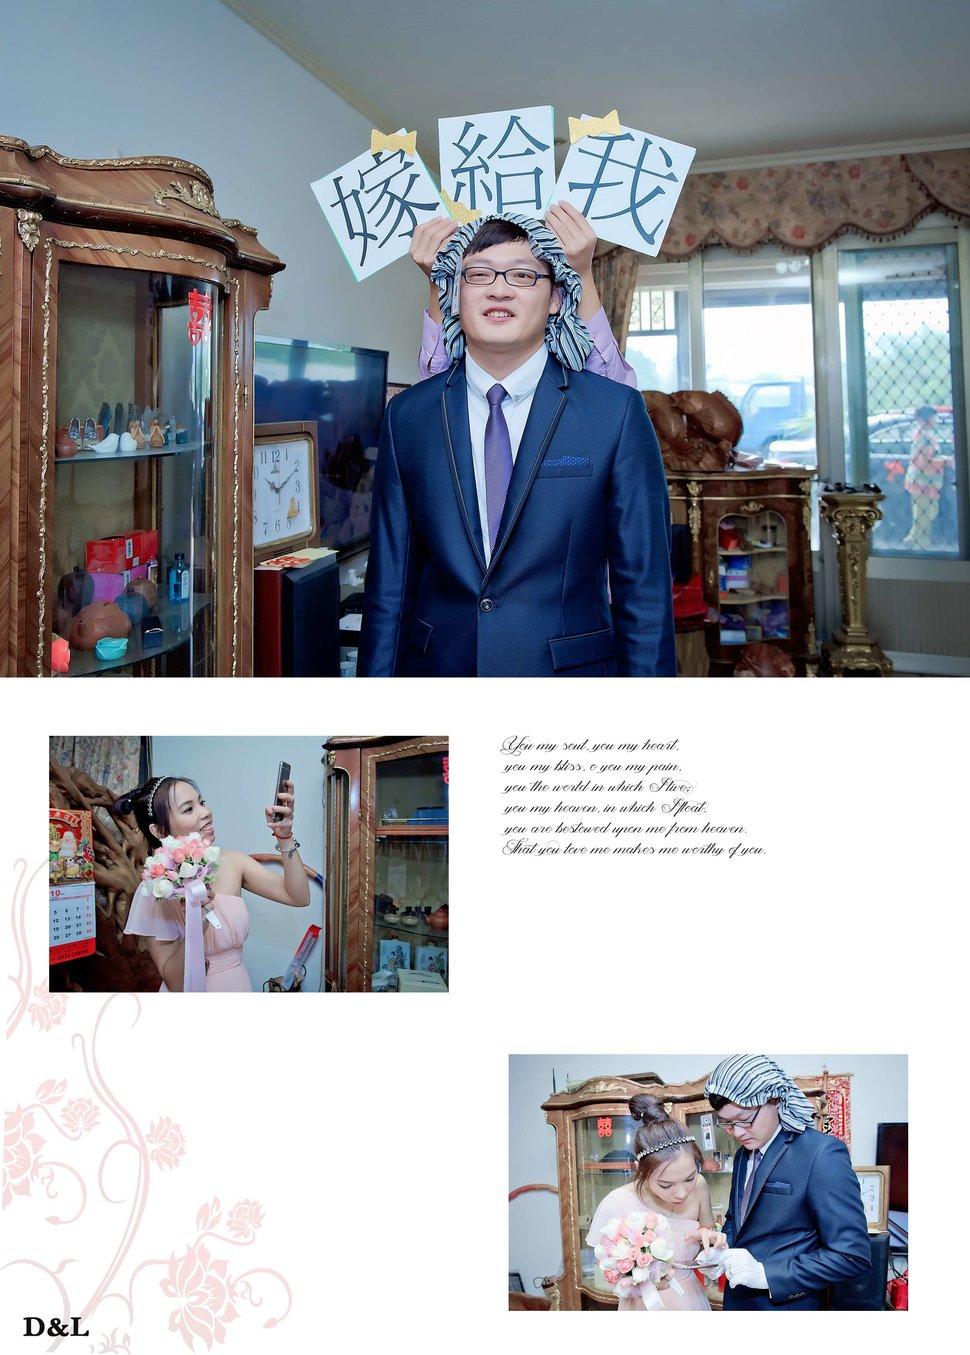 台中婚攝 婚禮紀錄 嘉捷&莉卿-臻愛婚宴會館豐原(編號:300034) - D&L 婚禮事務-婚紗攝影/婚禮記錄 - 結婚吧